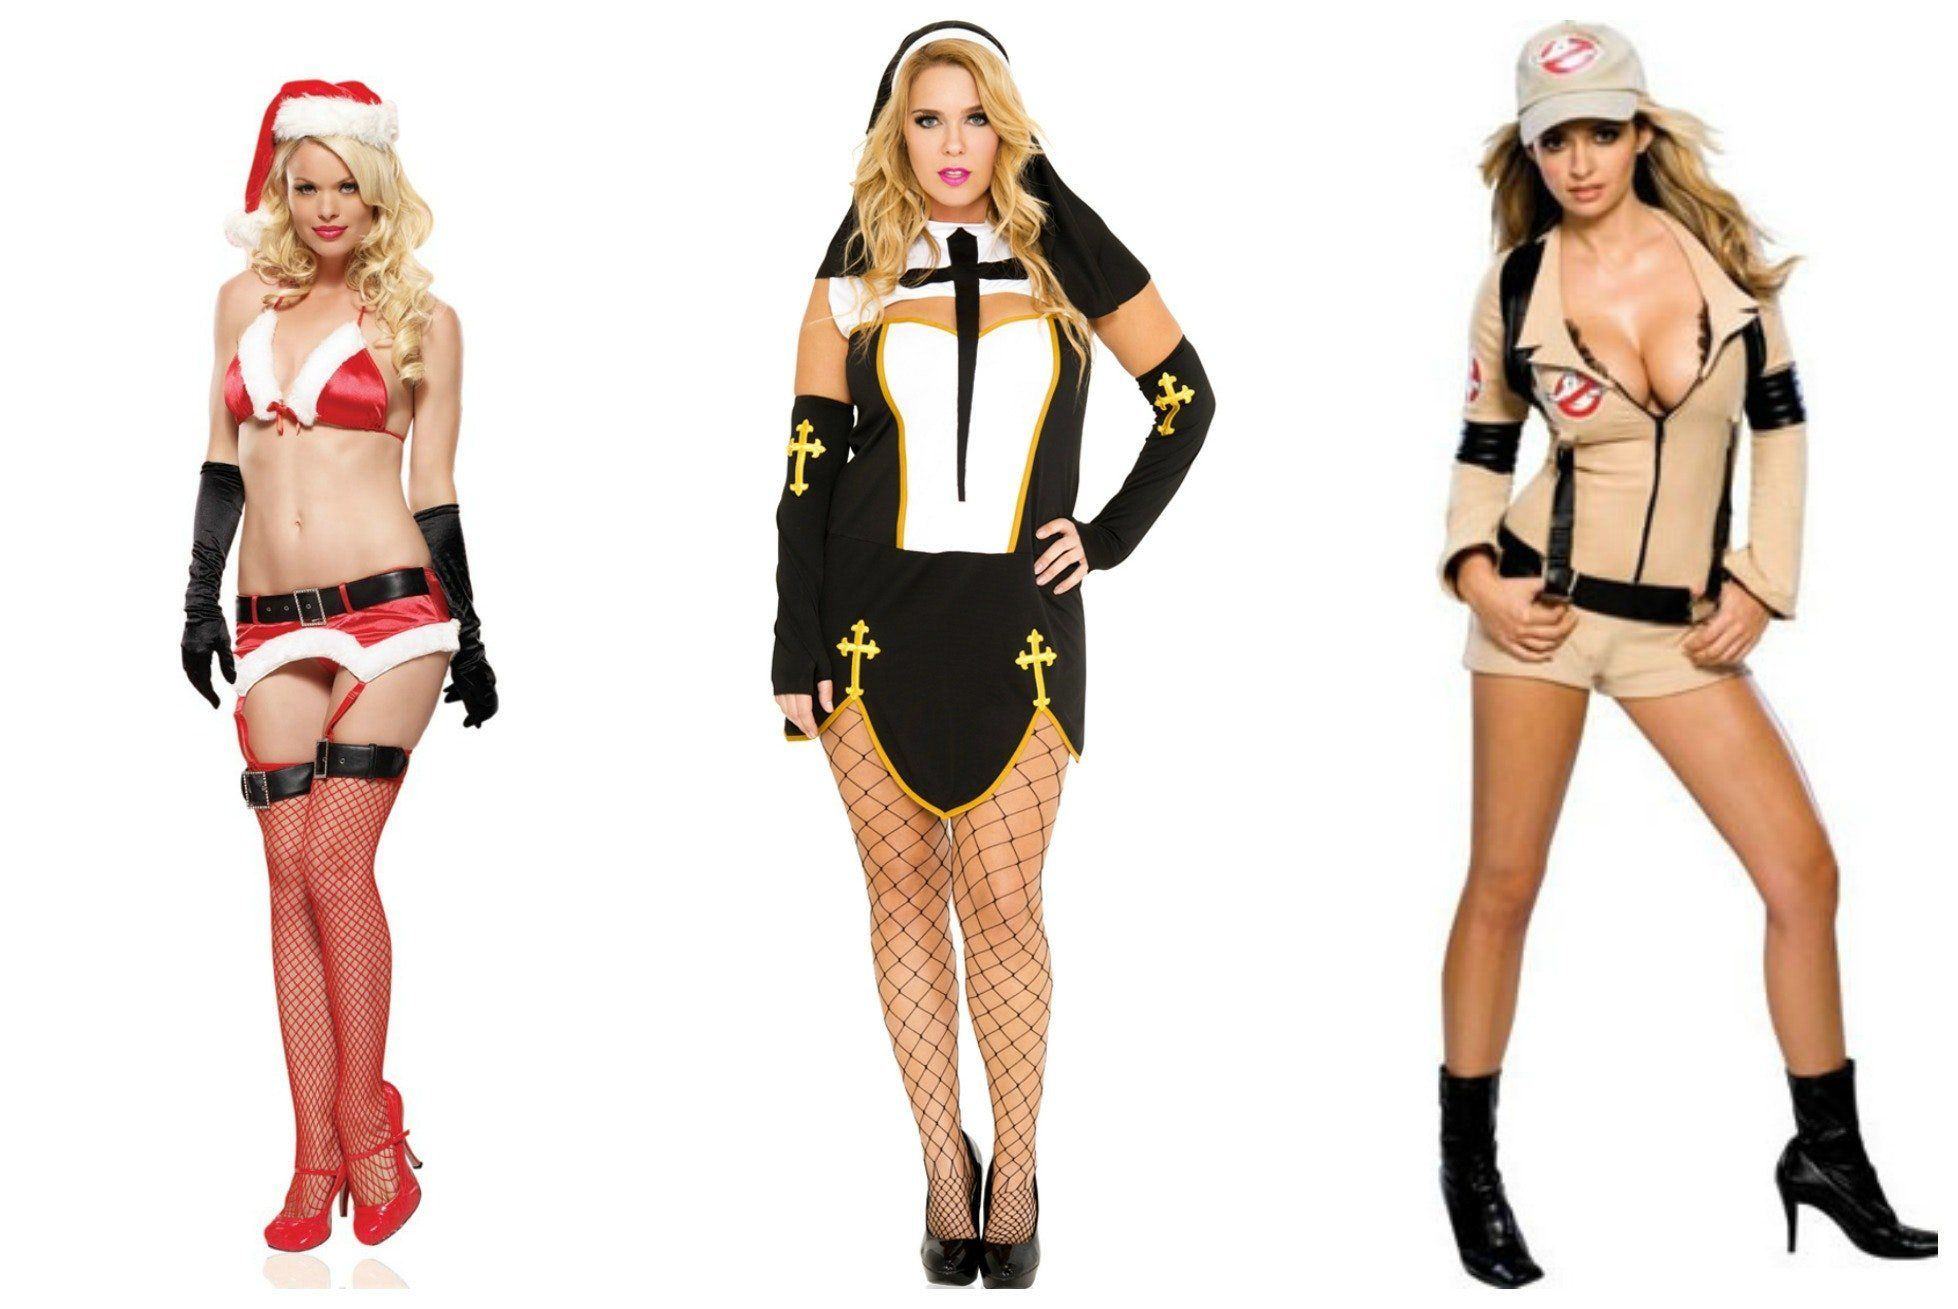 Slut outfits halloween